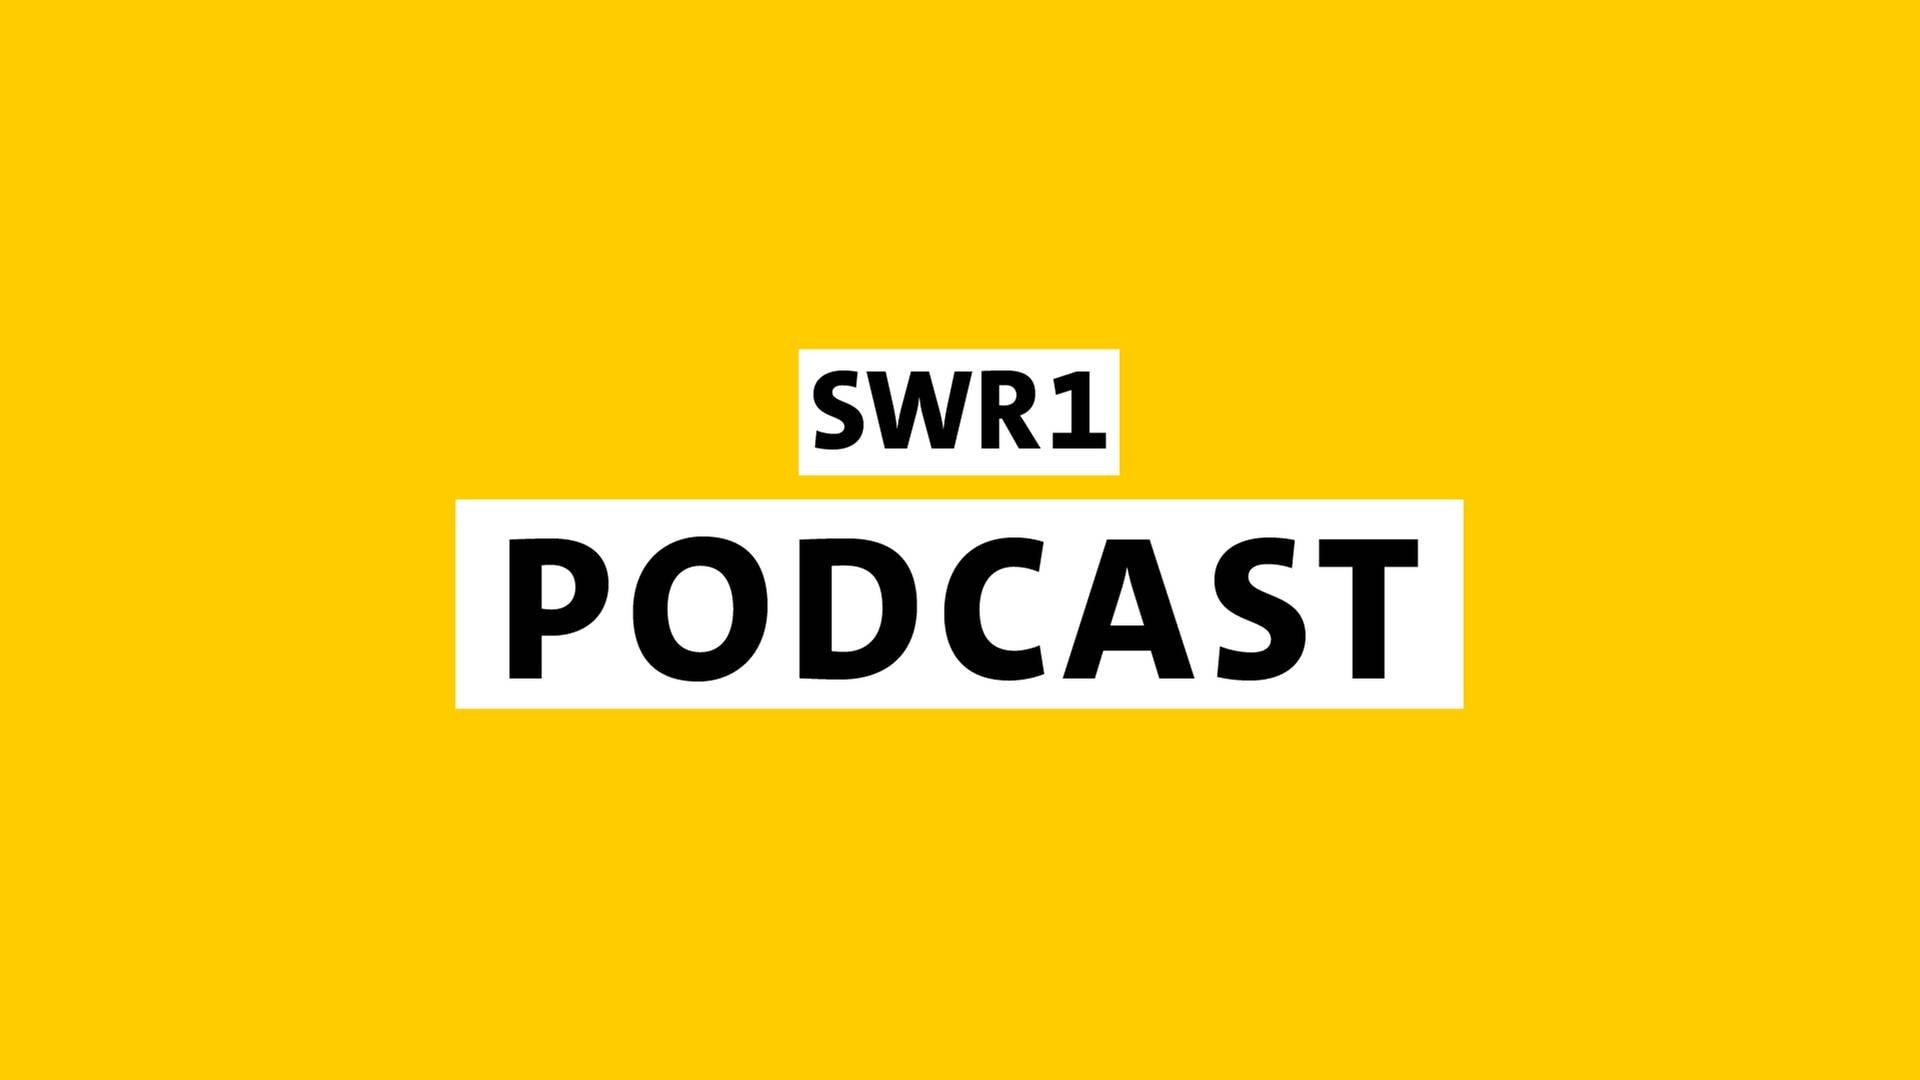 Podcast Swr